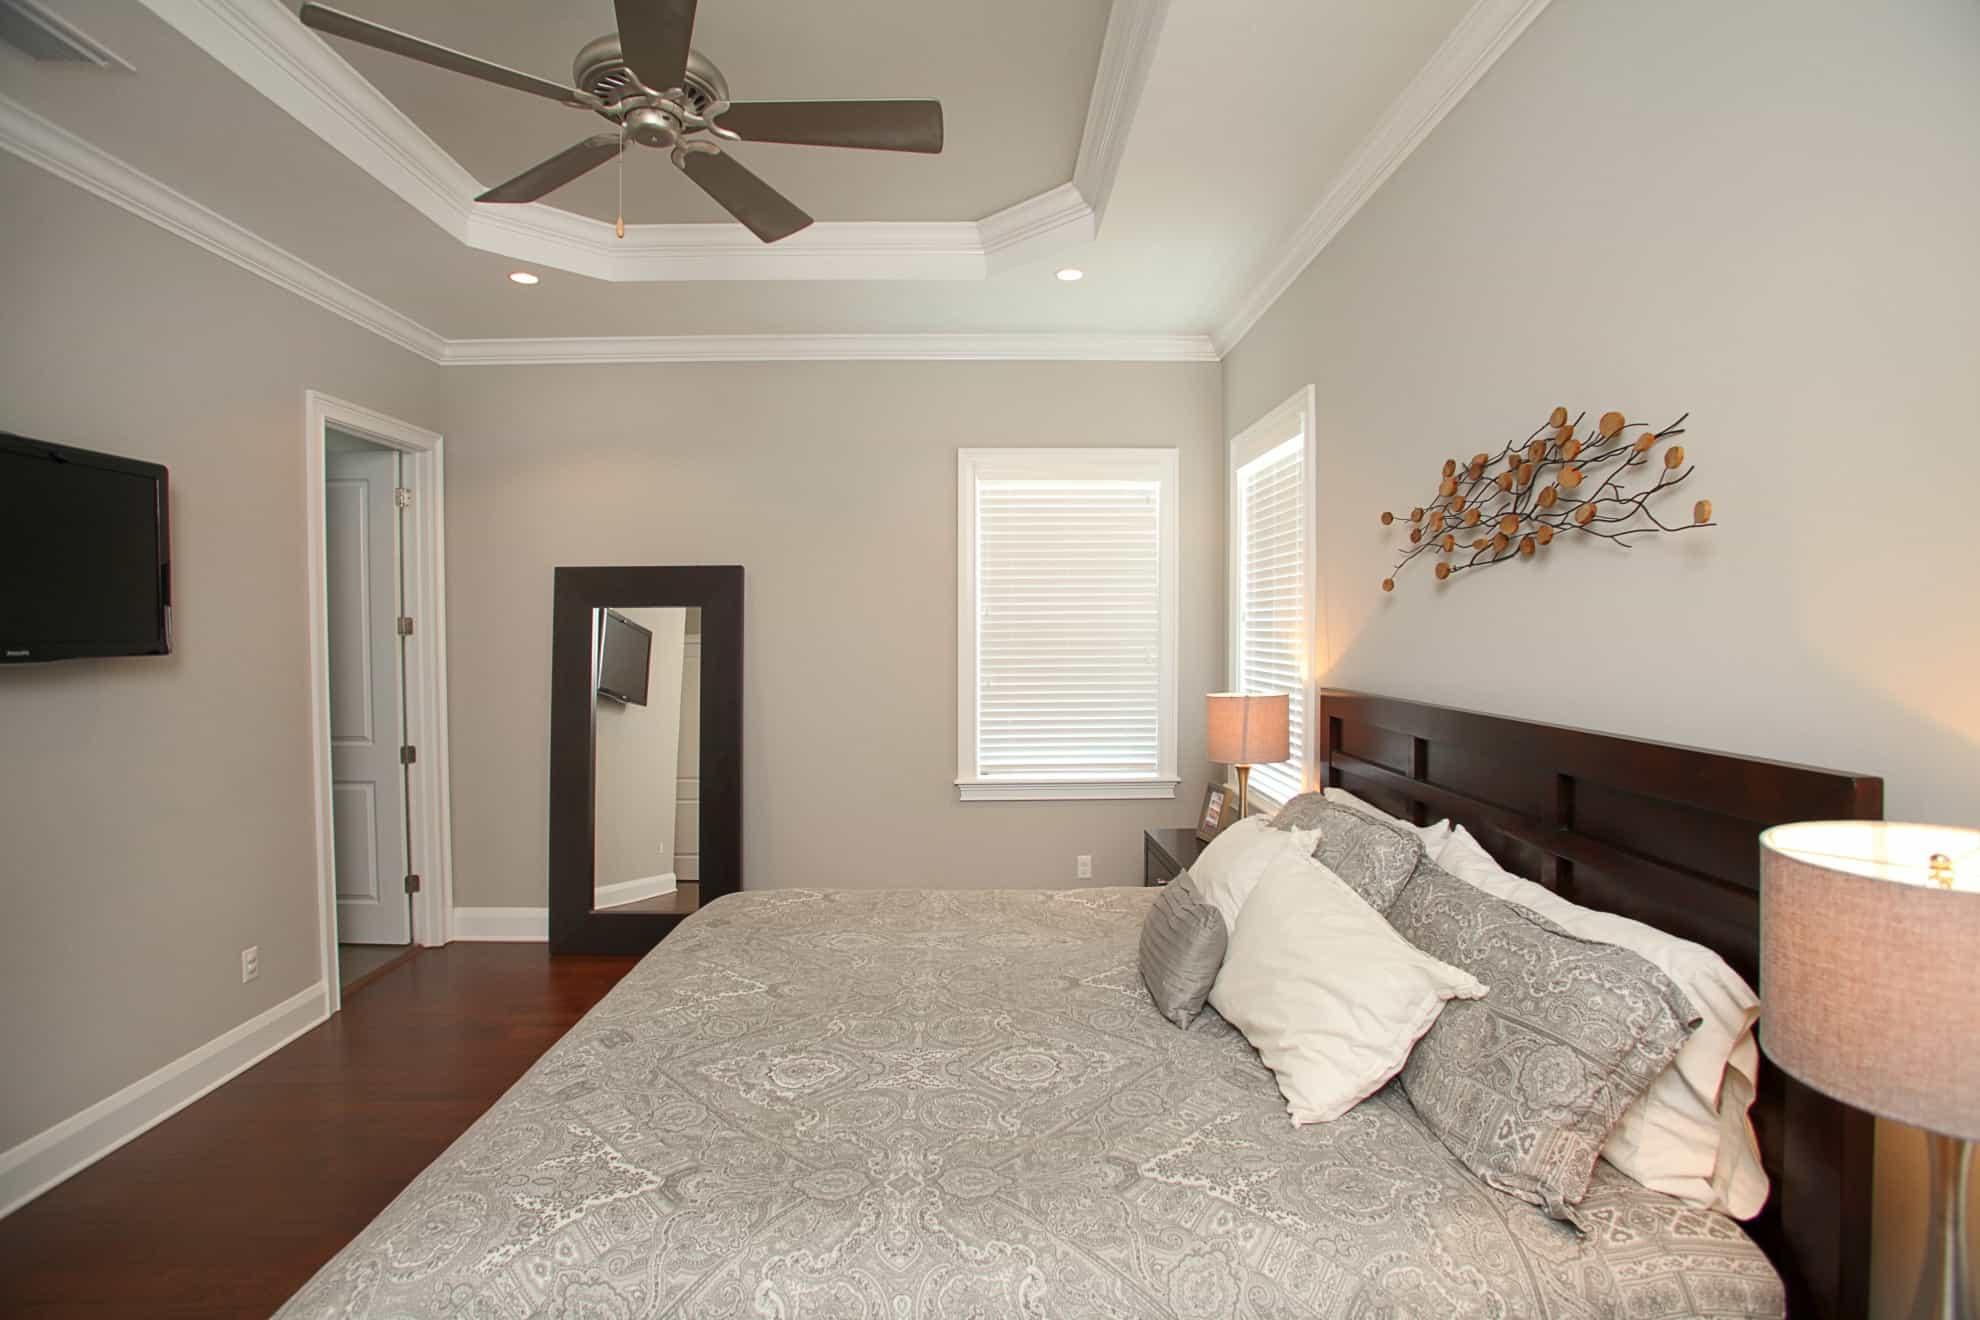 Davis Islands Interior Home_Bedroom_